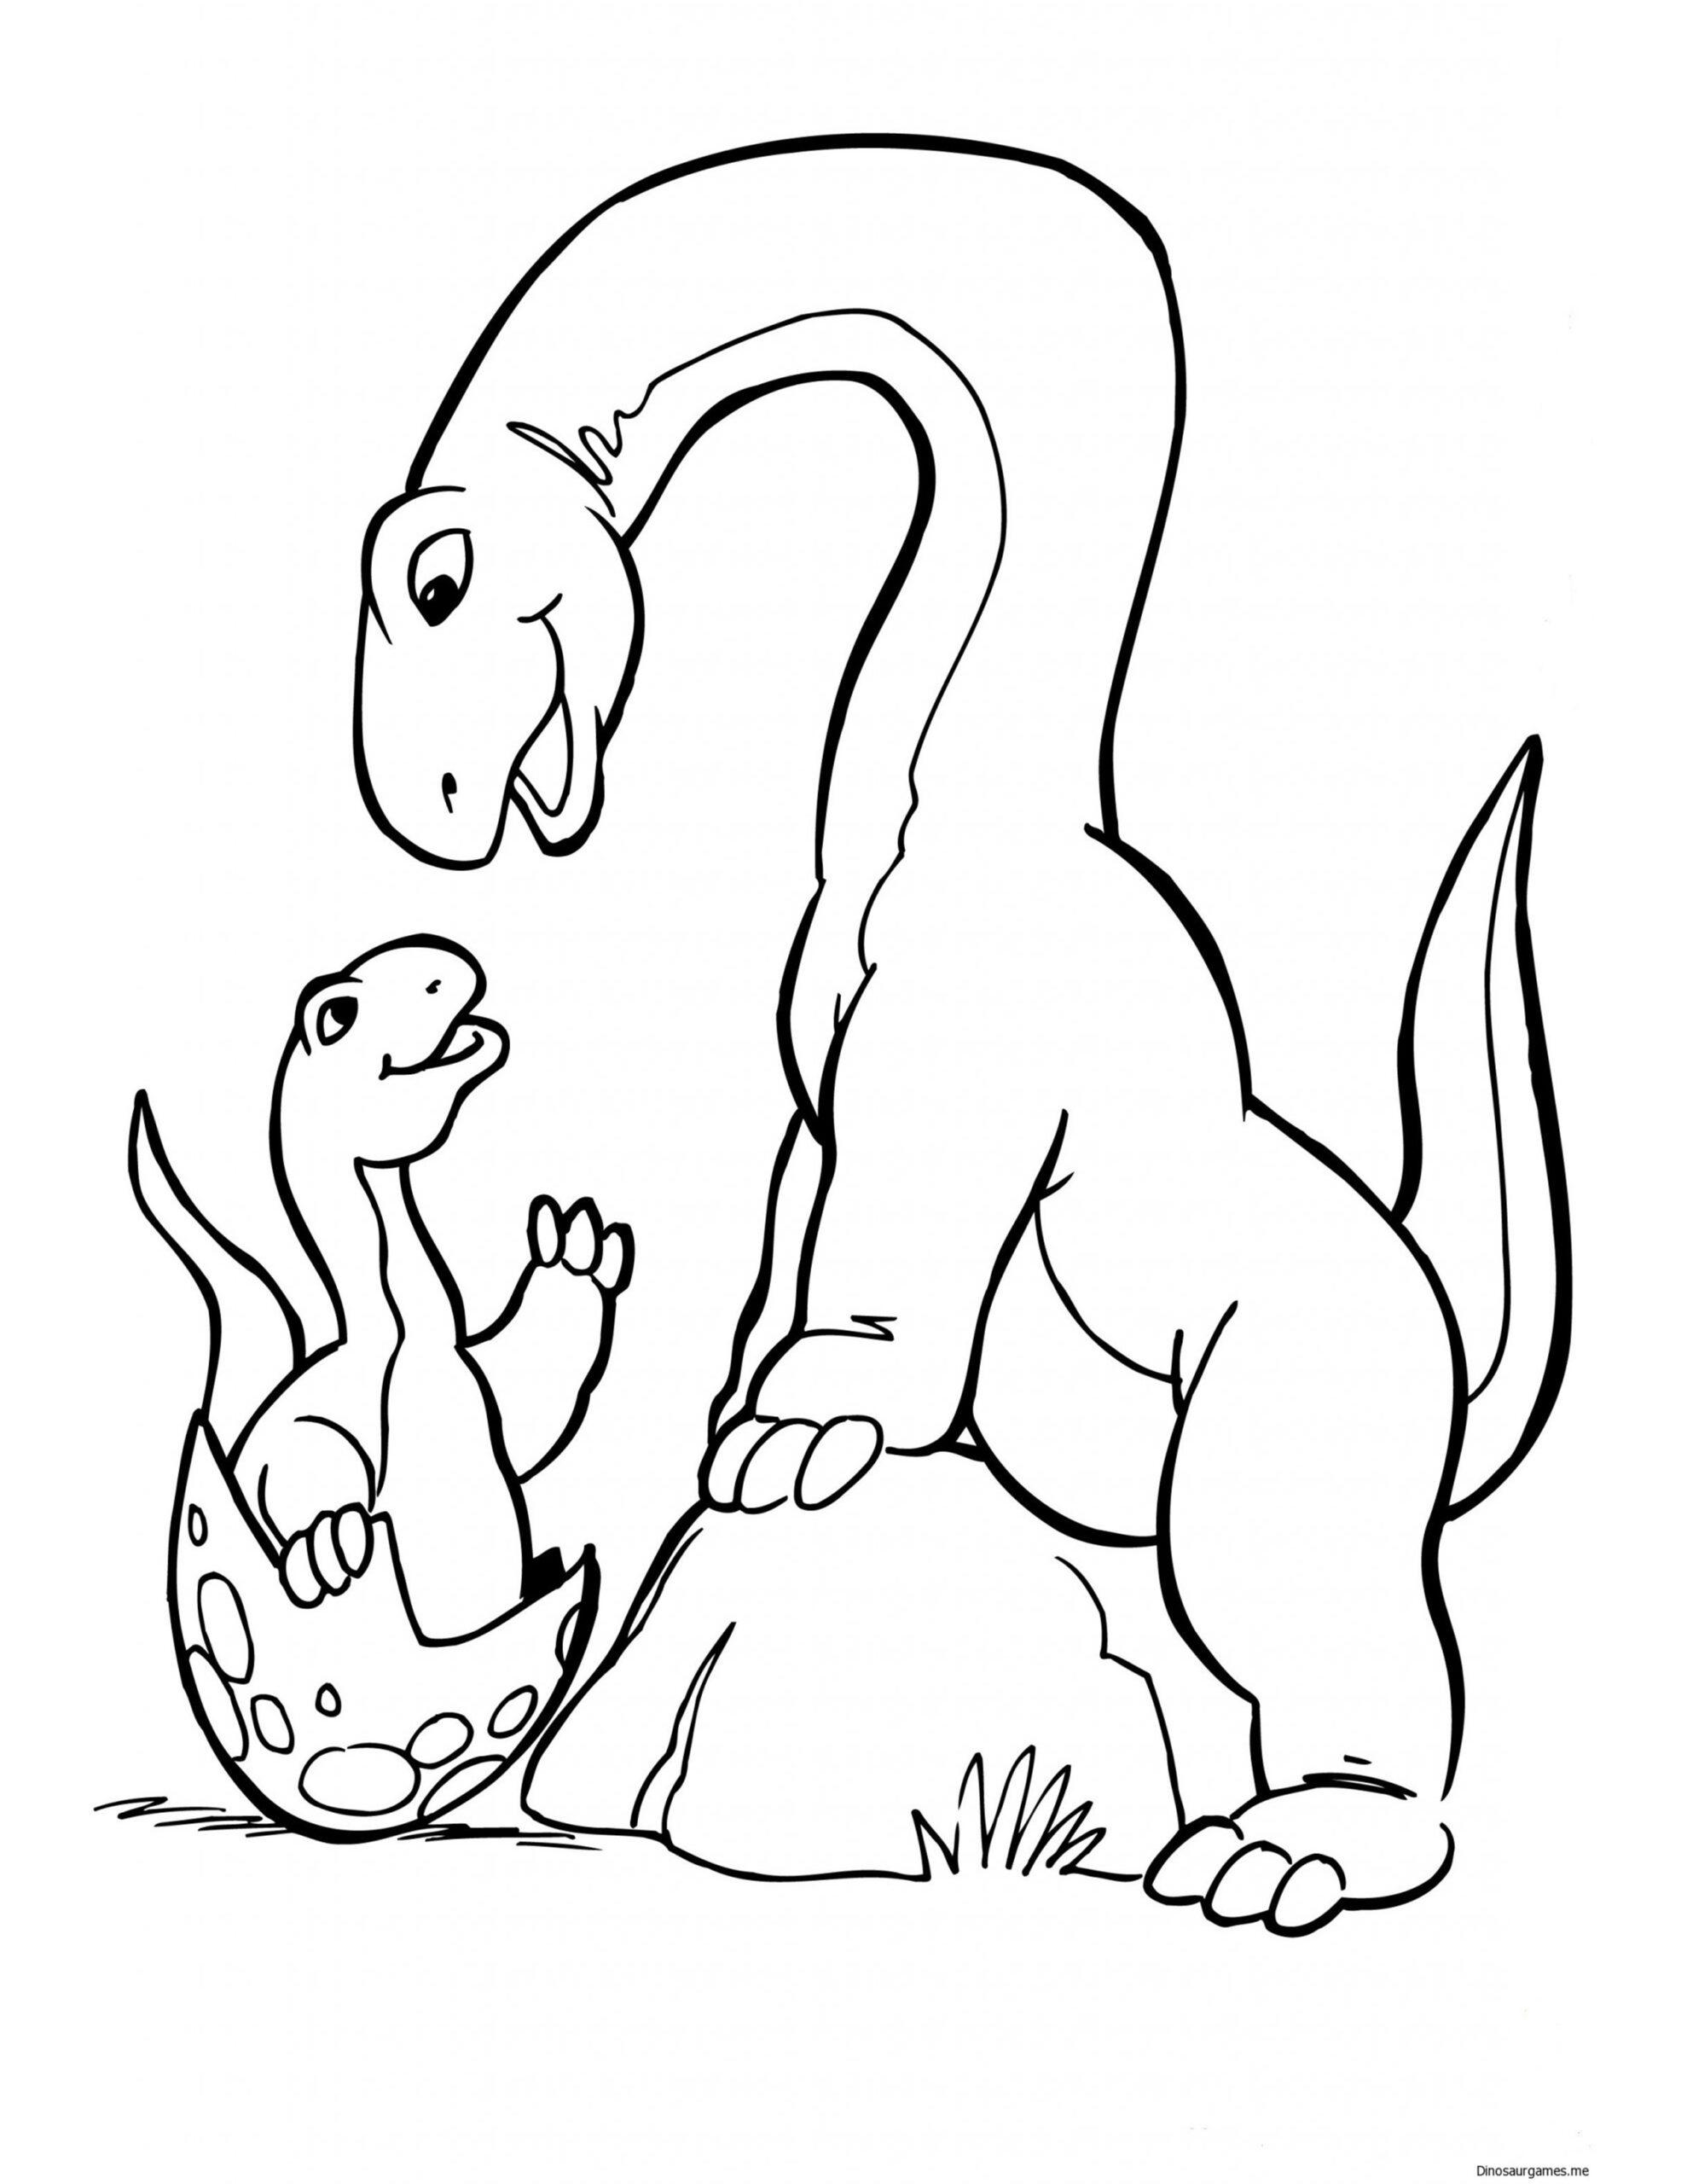 kleurplaten voor kinderen dinosaurus